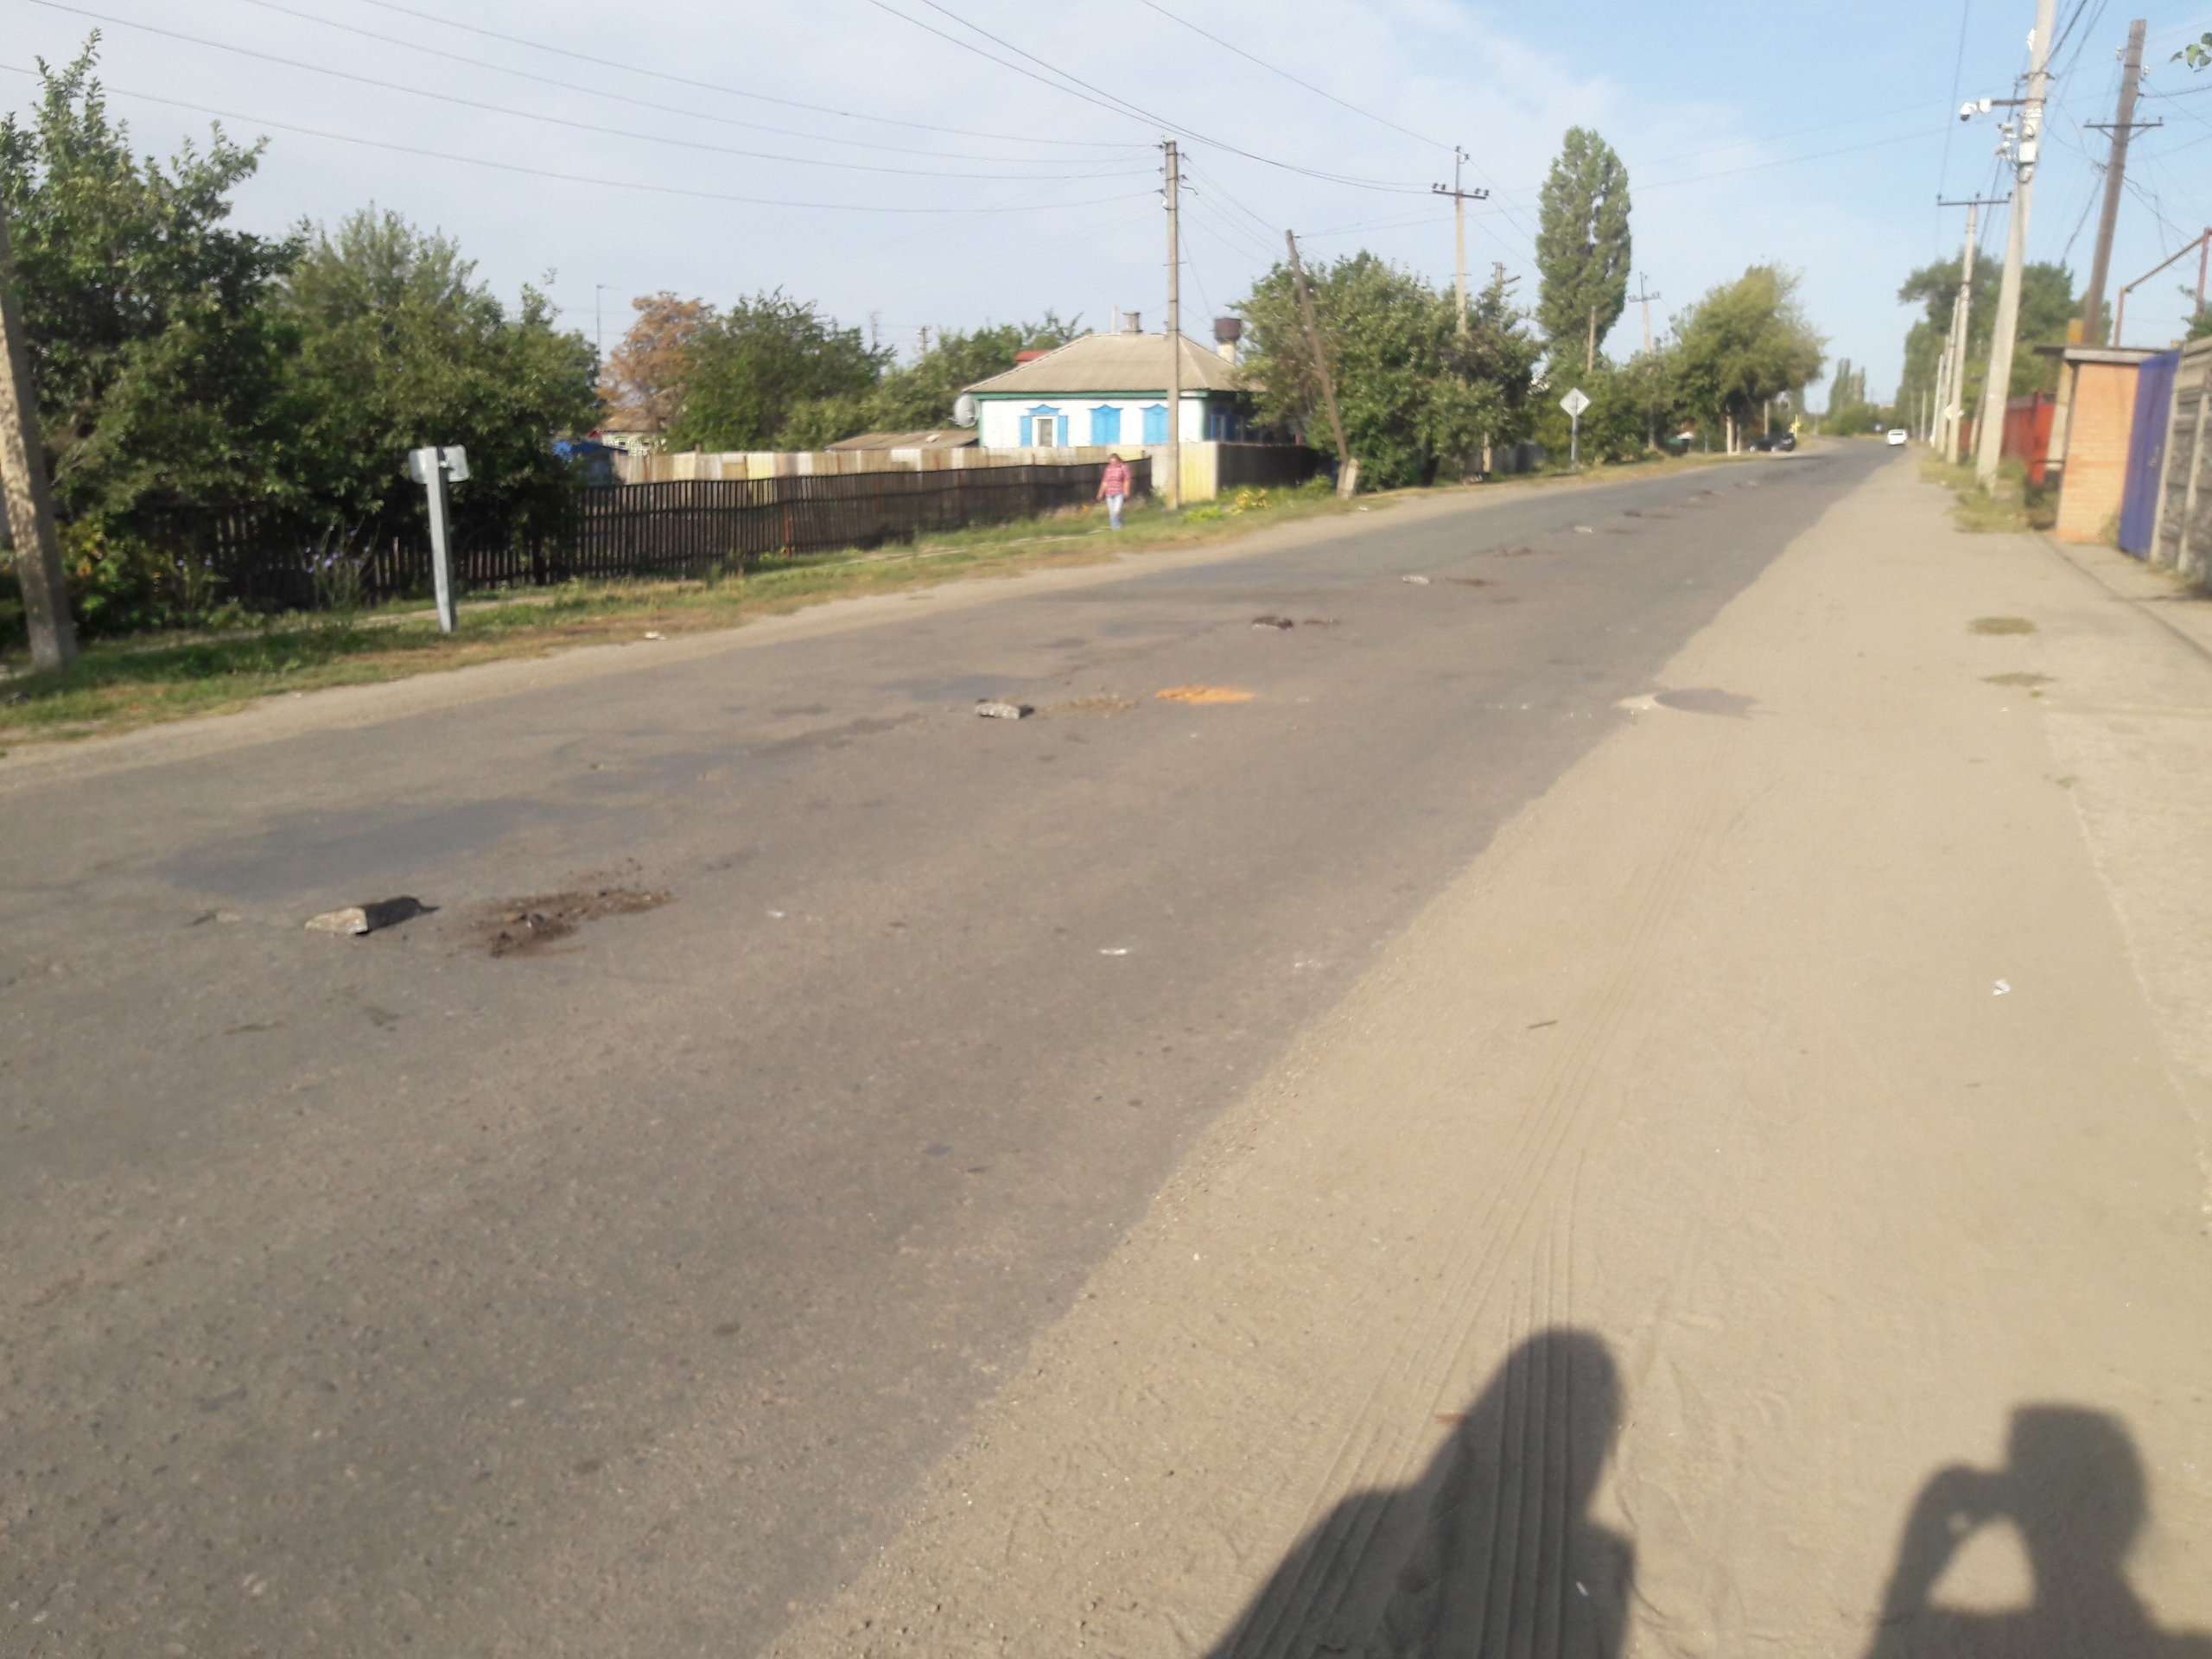 Россия, через дорогу - Украина. Теперь улица Дружбы Народов разделена колючей проволокой только, стороны, можно, через, середине, колючка, стороне, стран, ставят, забор, домой, сказать, Дружбы, теперь, Чертково, общем, тогда, выдалбливают, асфальт, полосы